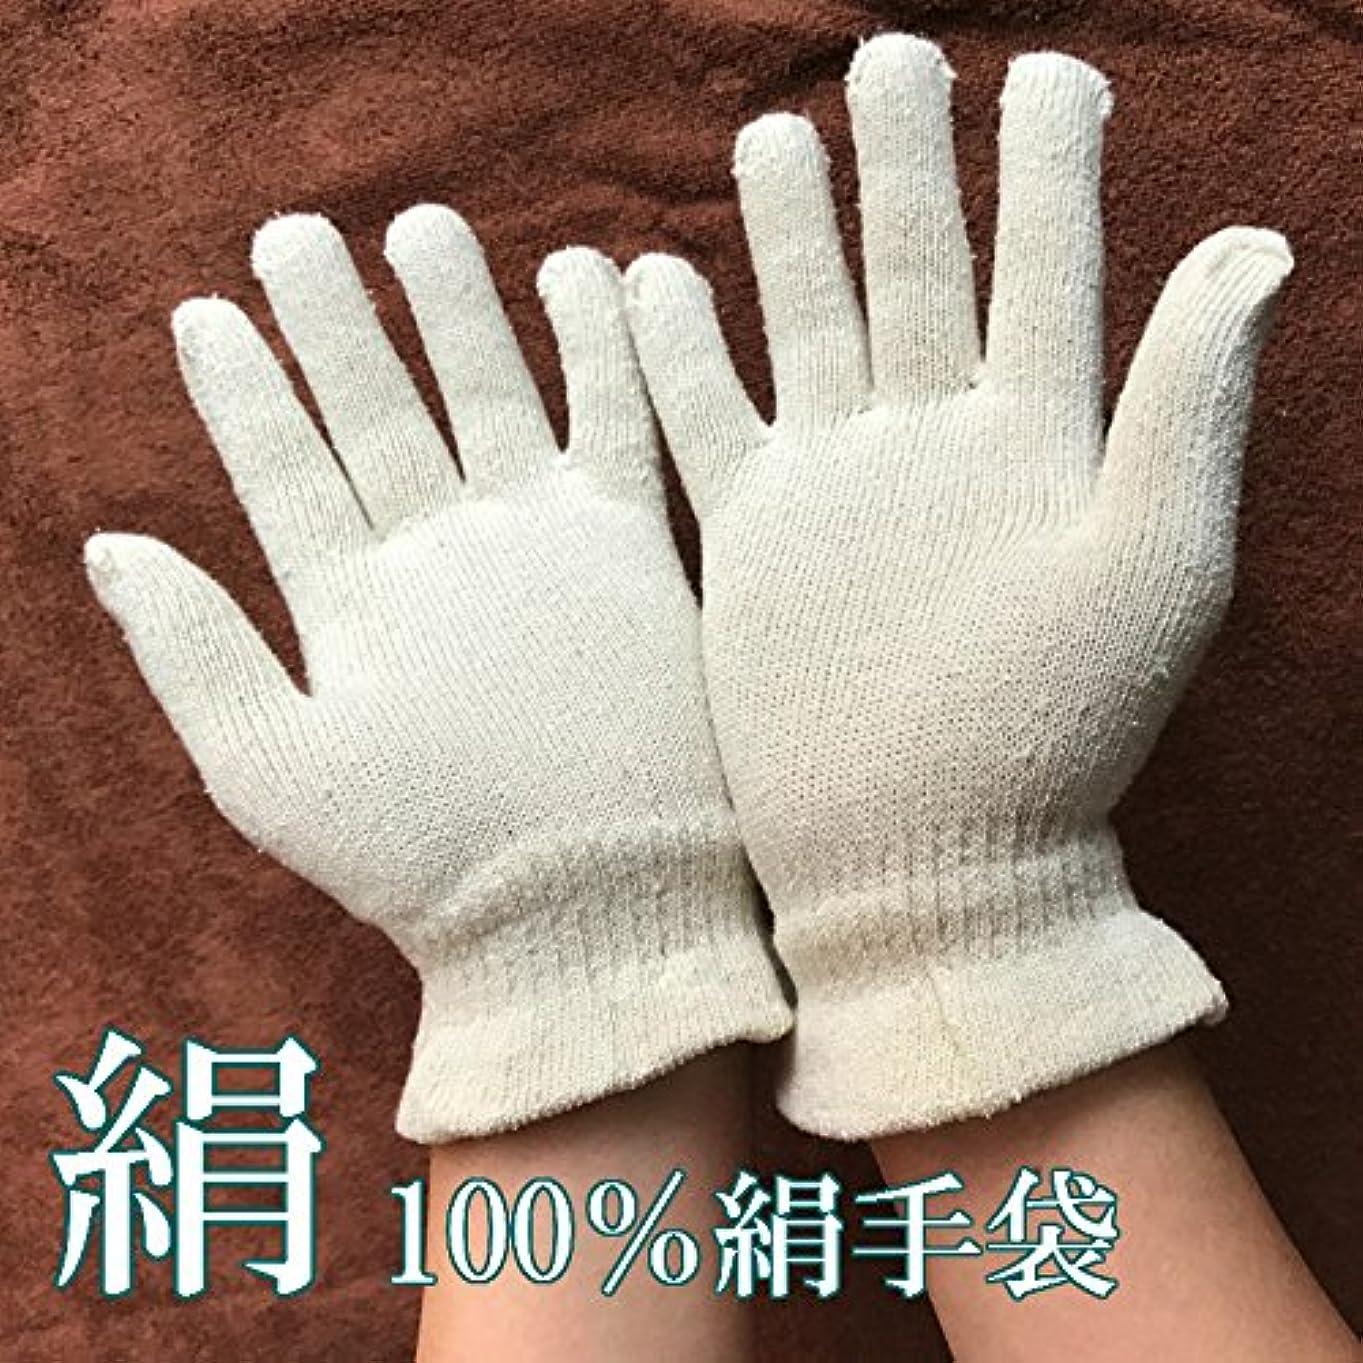 植物学者かもしれないマージン絹手袋 シルク手袋 ガルシャナ アーユルヴェーダ